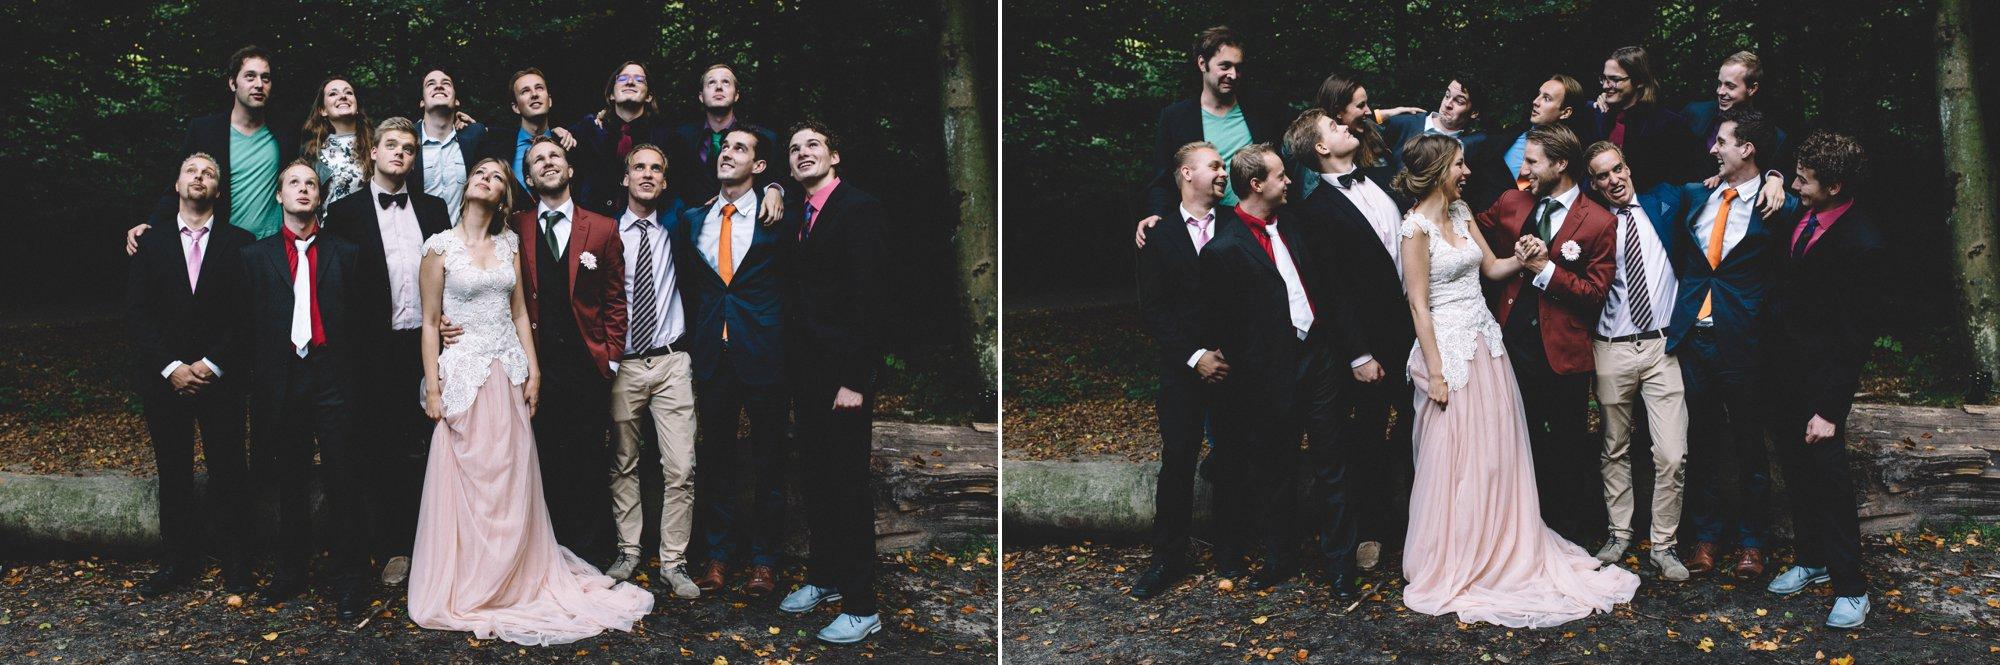 Bohemian bruiloft - trouwen in het bos- Arjen en Paulien_0052.jpg